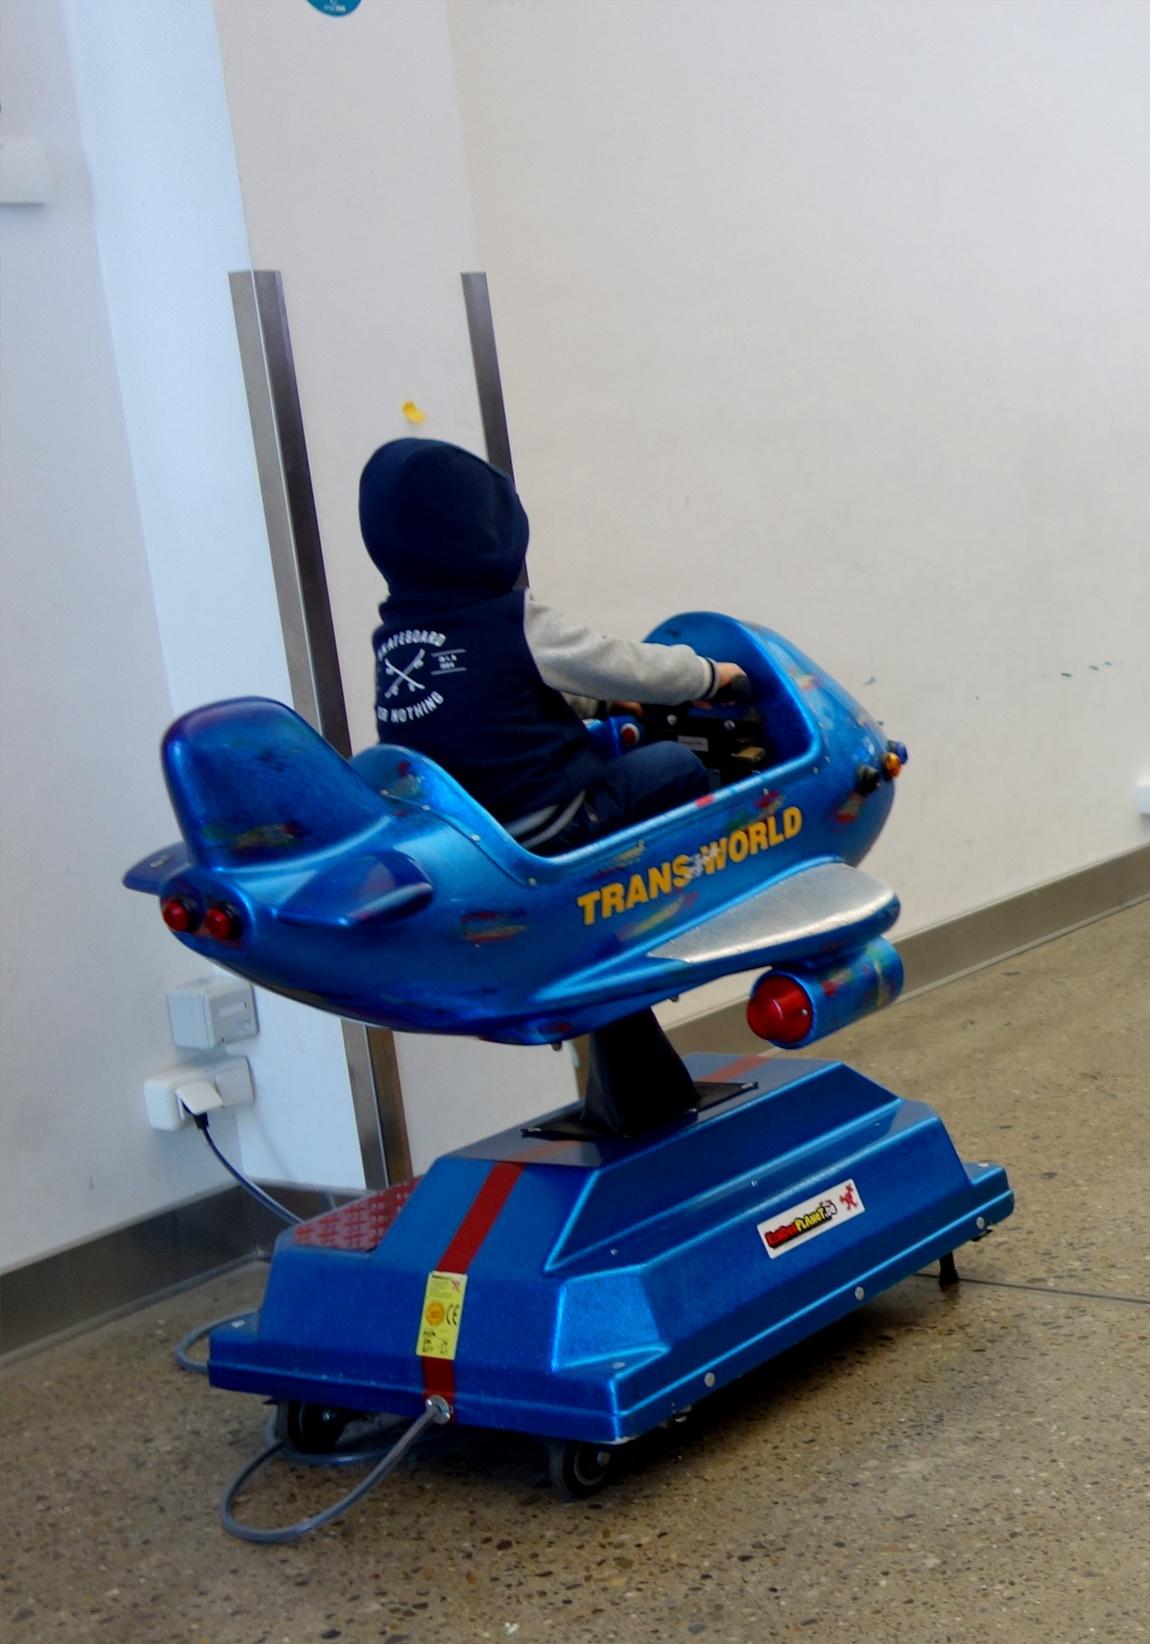 Самолётик -люлька для развлечения детей в аэропорту